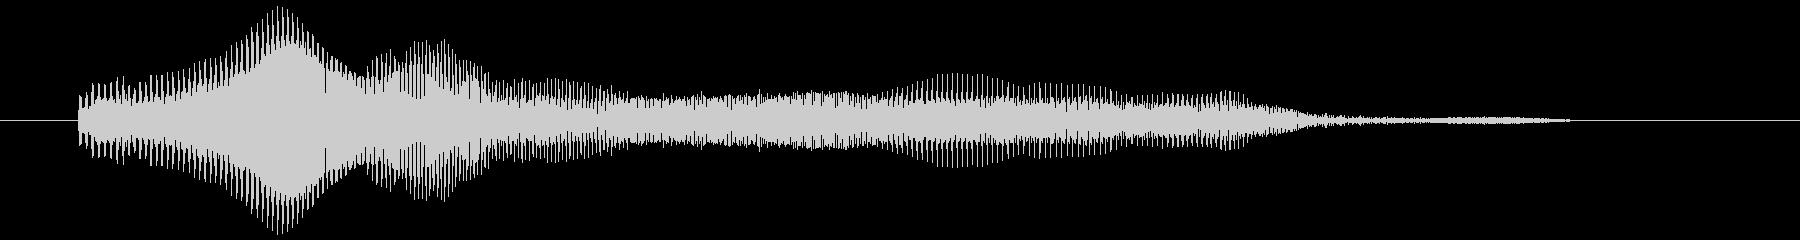 アァン♥(アダルトみ) エフェクトなしの未再生の波形